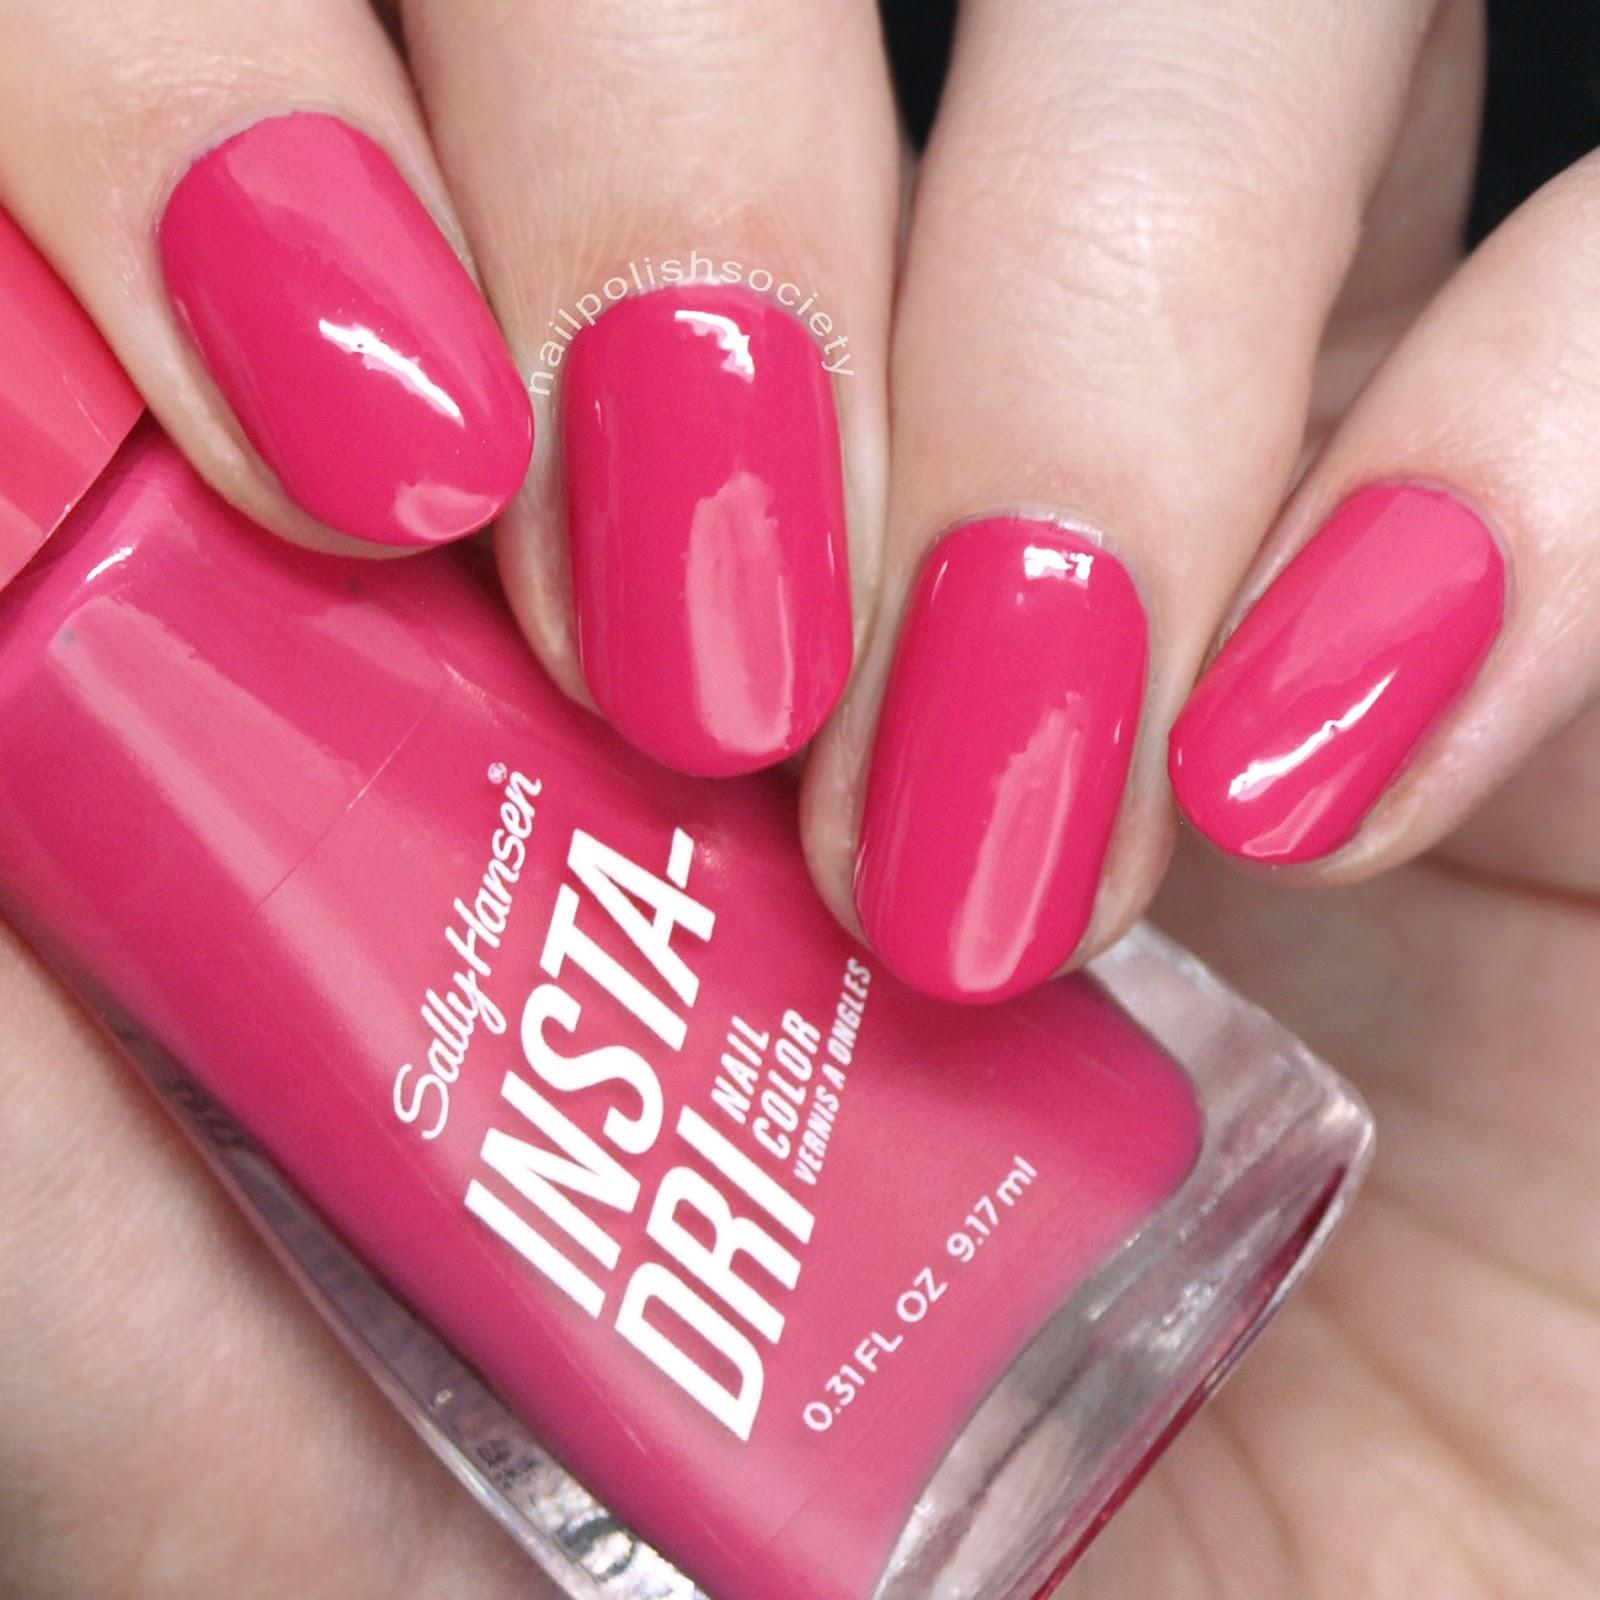 Nail Polish Society Sally Hansen Insta Dri 16 New Shades